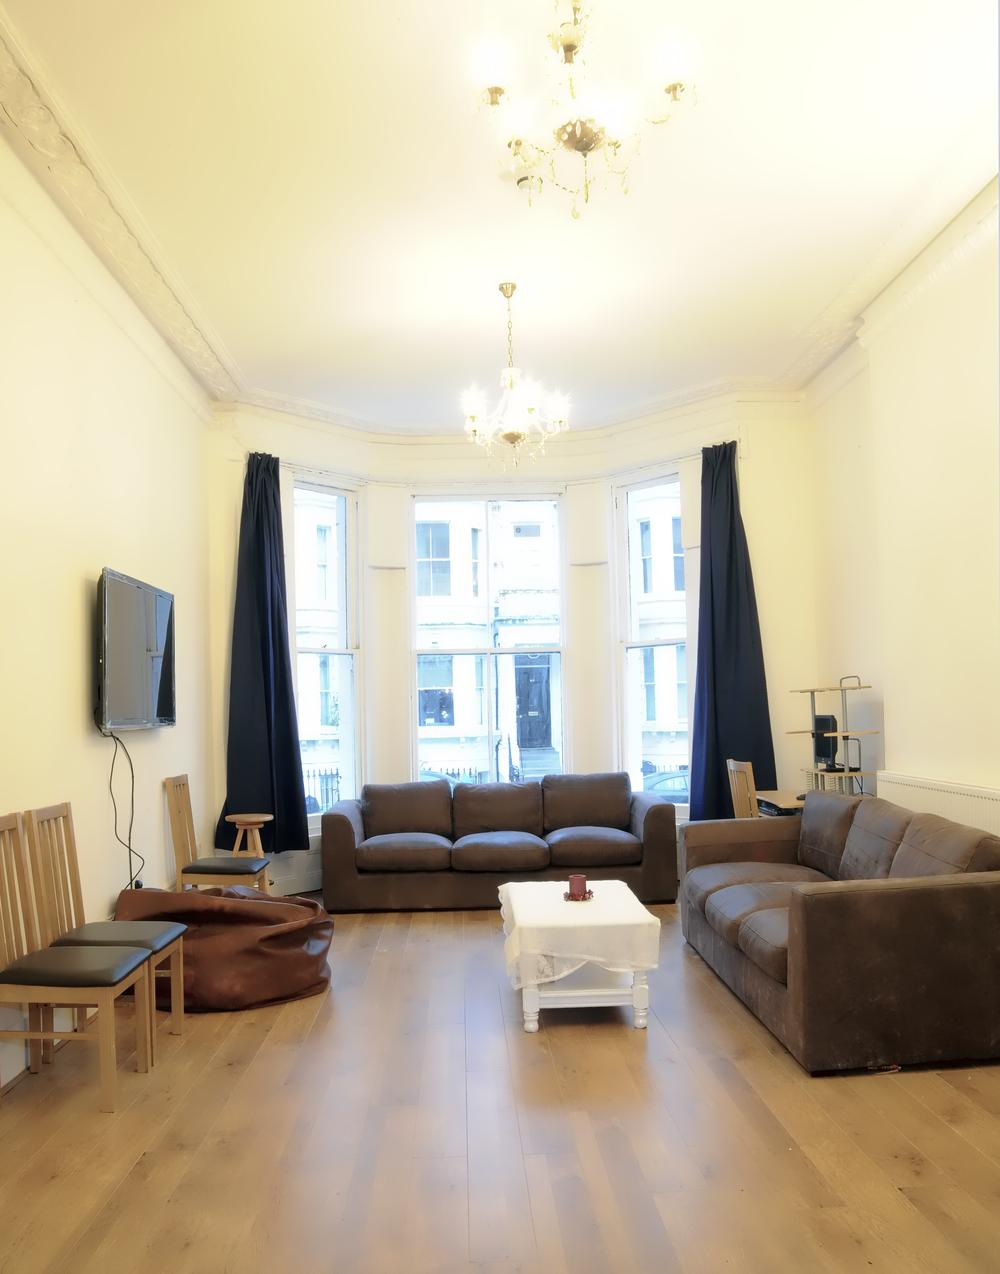 La nostra area lounge è un posto perfetto per conoscere amici da tutto il mondo.